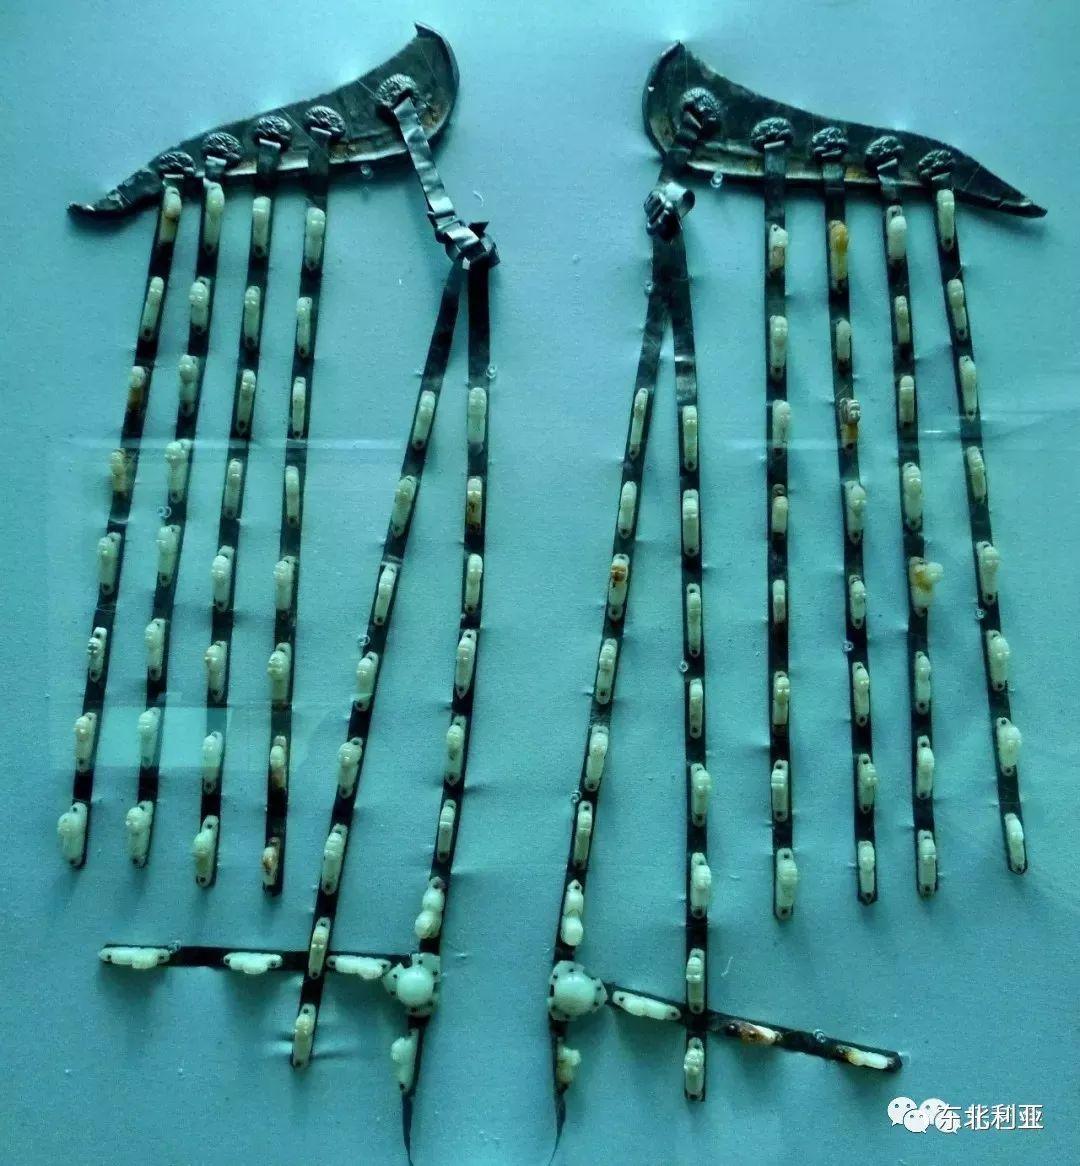 图集丨辽元时期的豪华马鞍与装饰 第11张 图集丨辽元时期的豪华马鞍与装饰 蒙古工艺